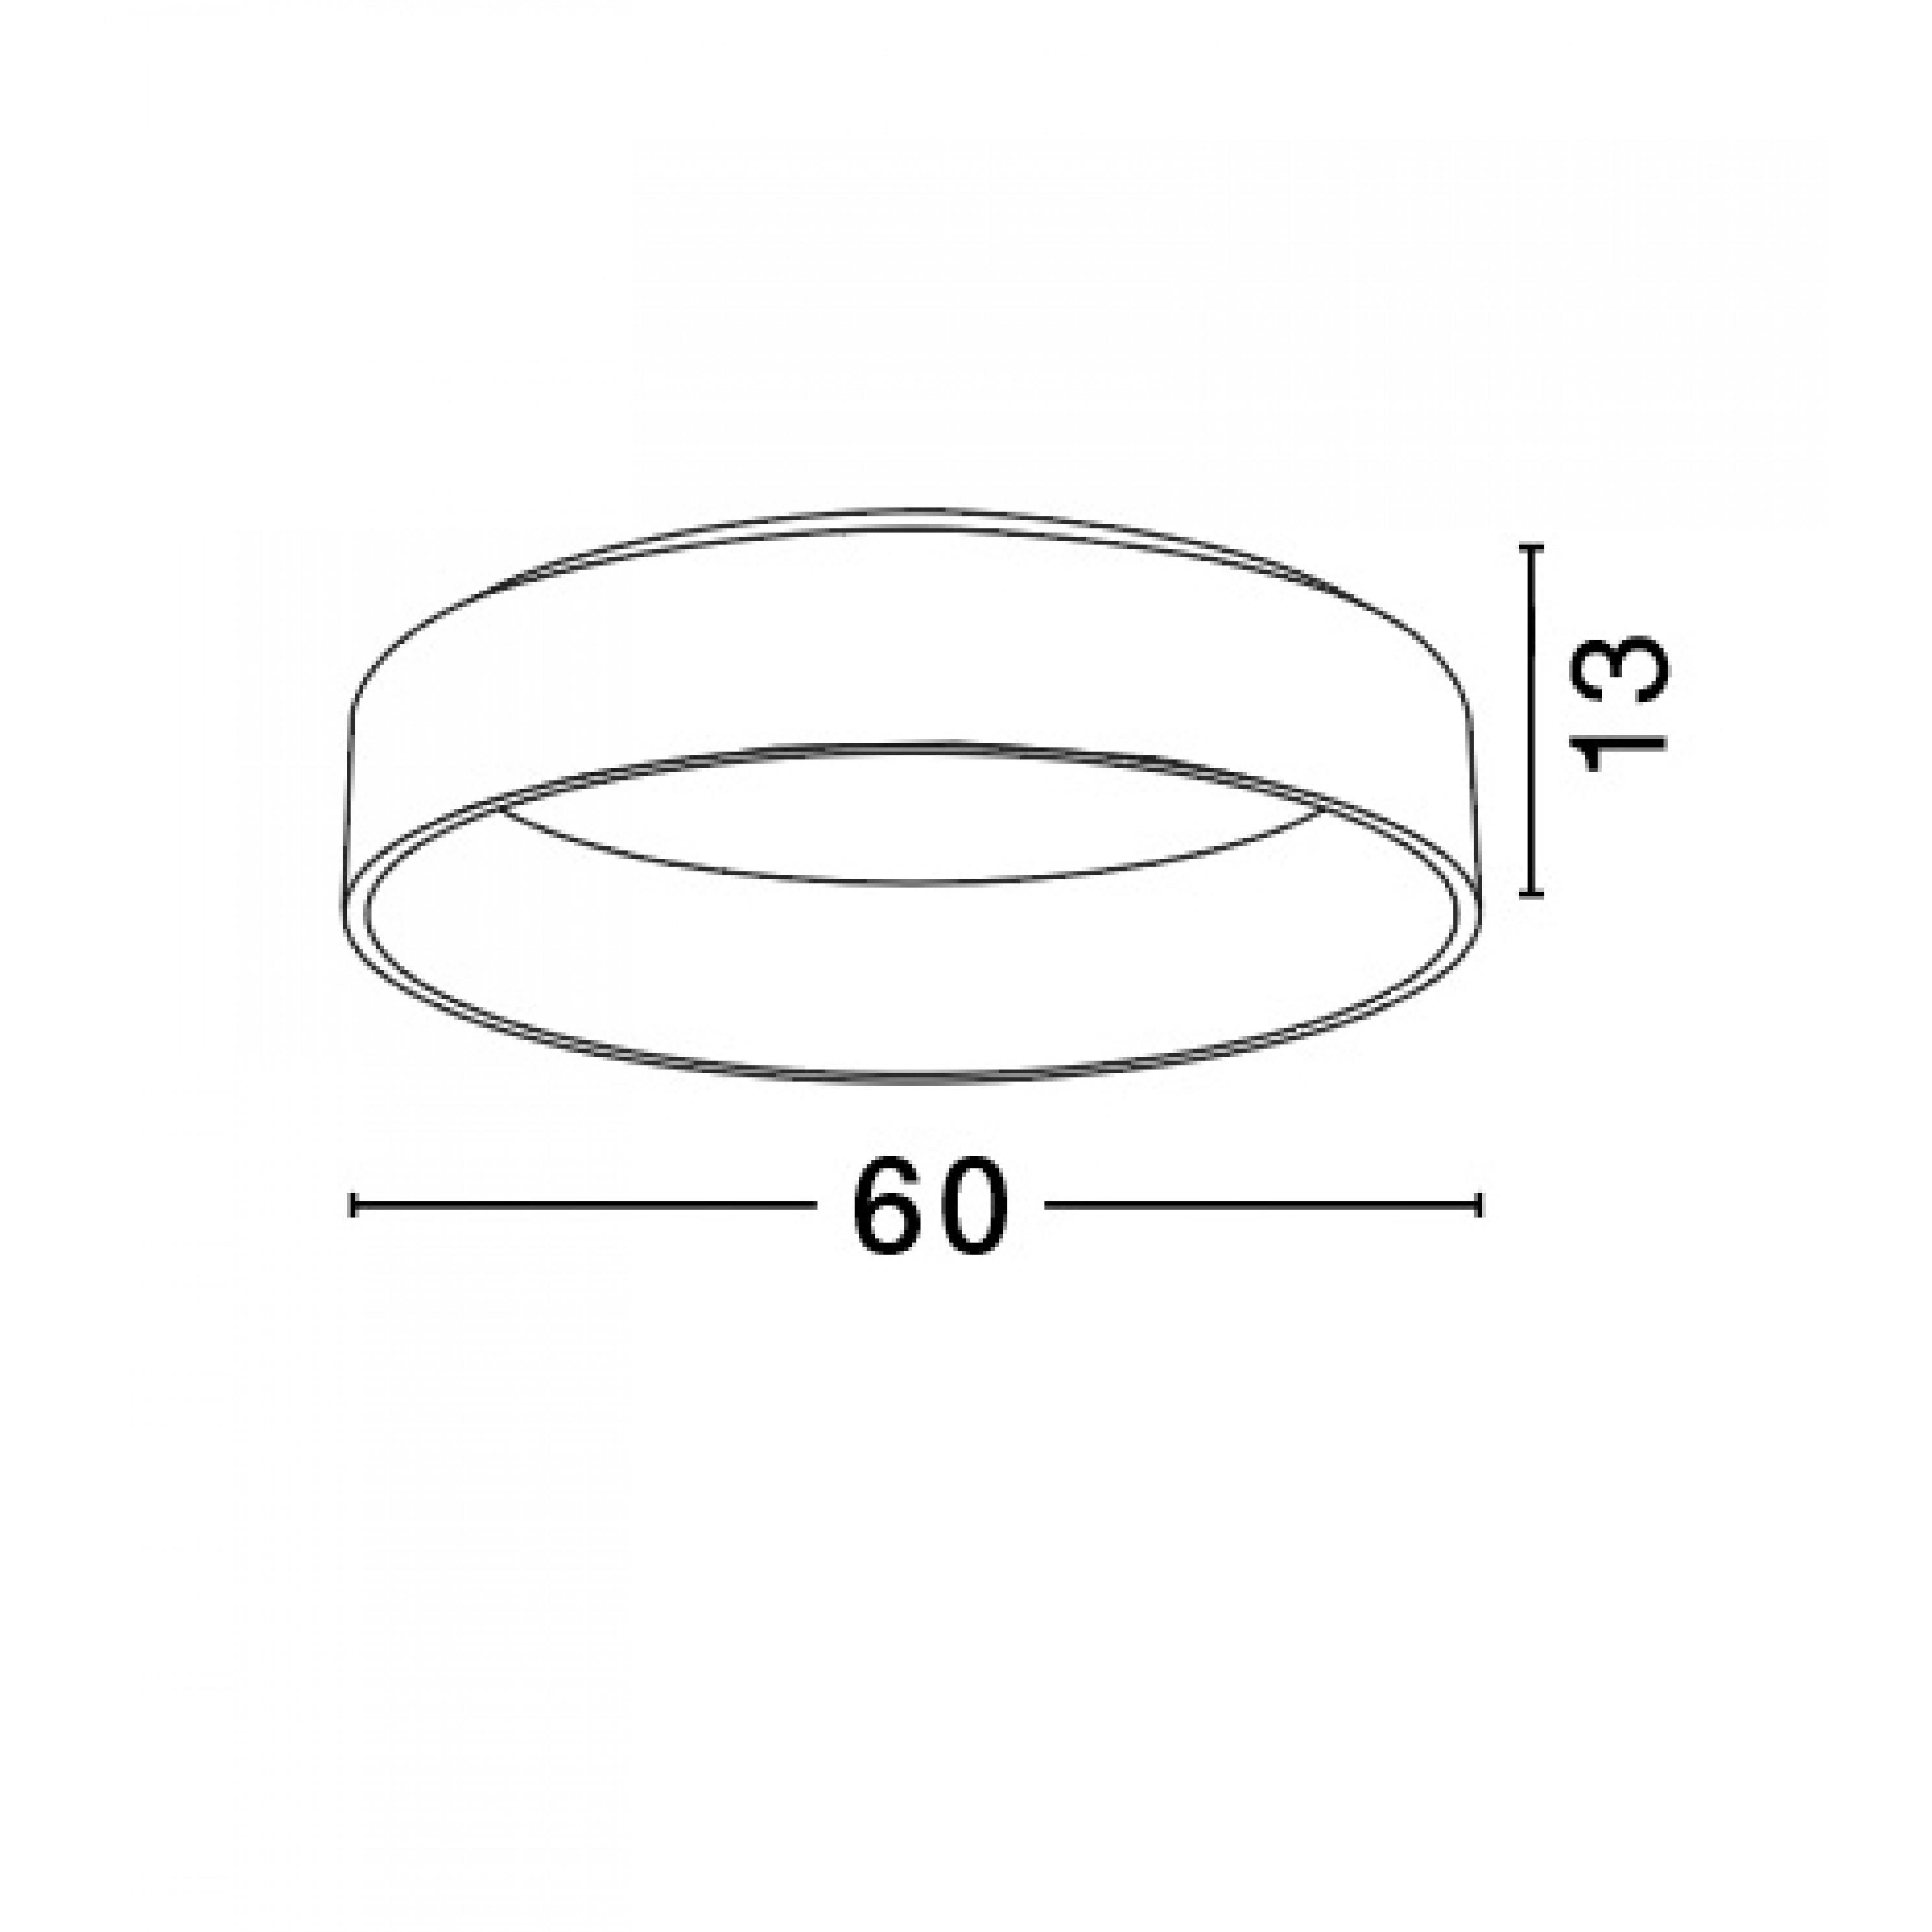 Deckenleuchte Rando T 60 cm H 13 cm   Grau